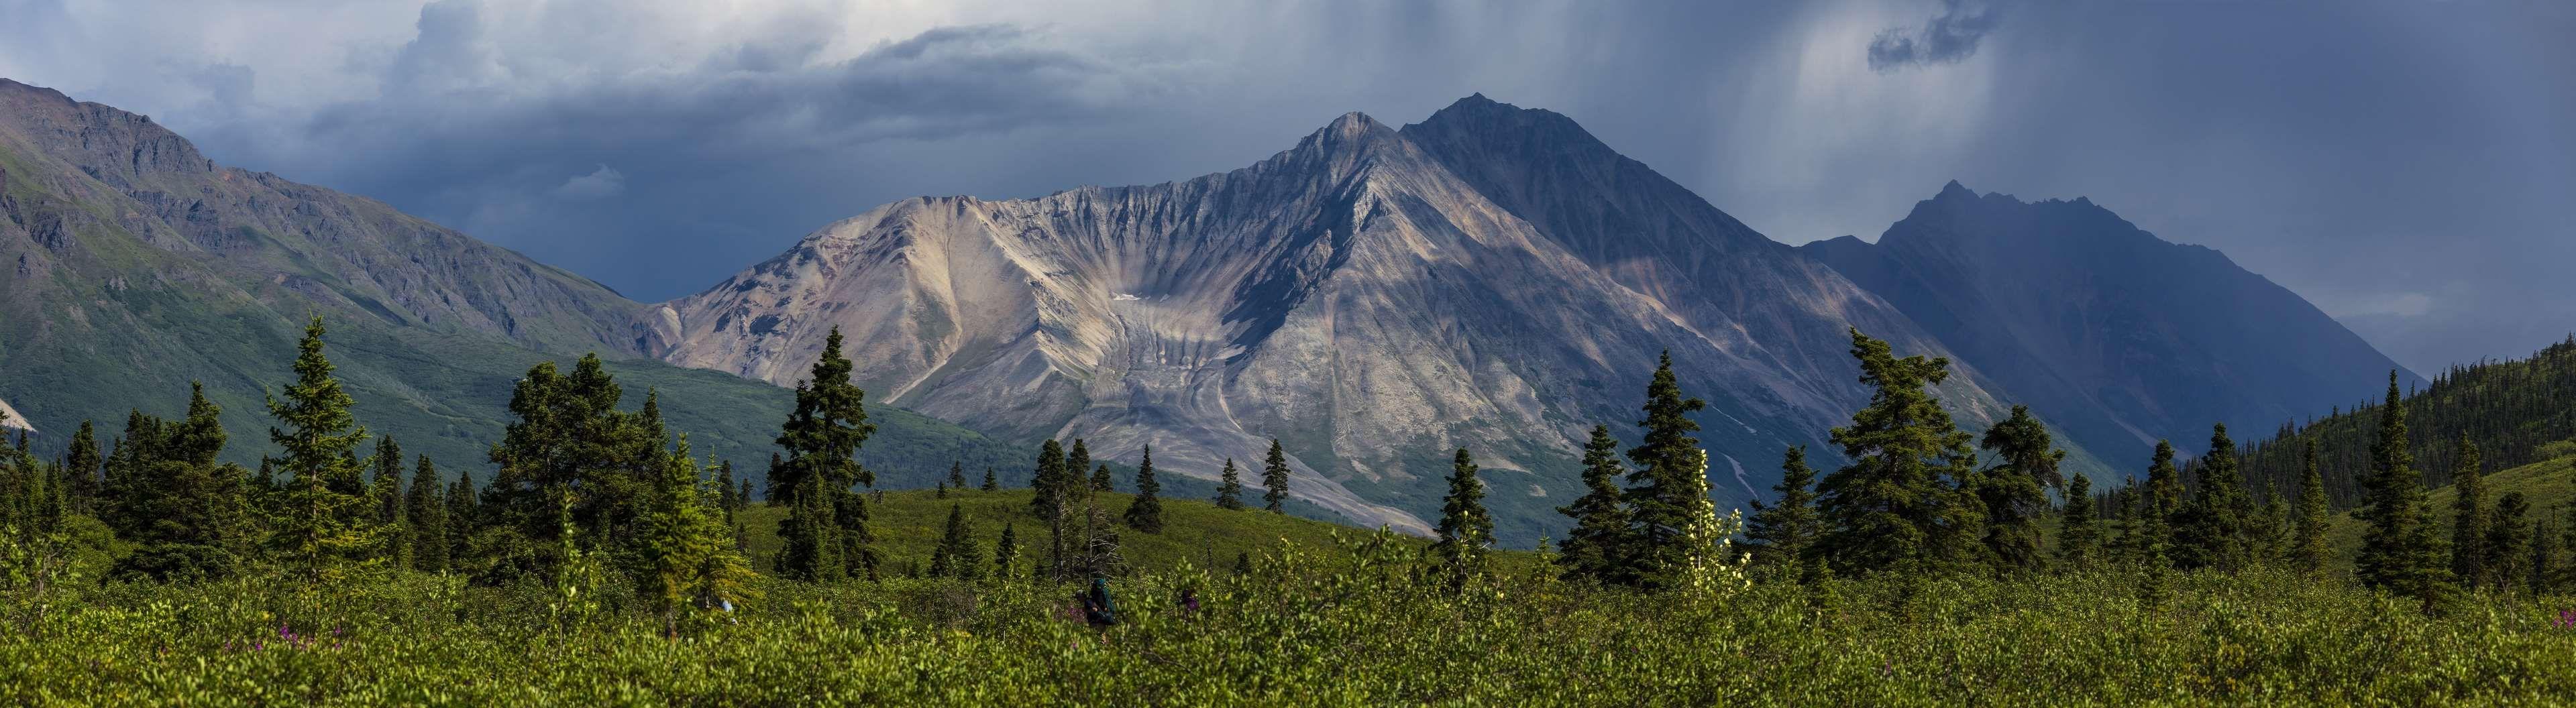 Alaska Clouds Donoho Basin Landscape National Creek Rock Glacier National Park And Preserve Fine Art Landscape Photography Landscape Fine Art Landscape